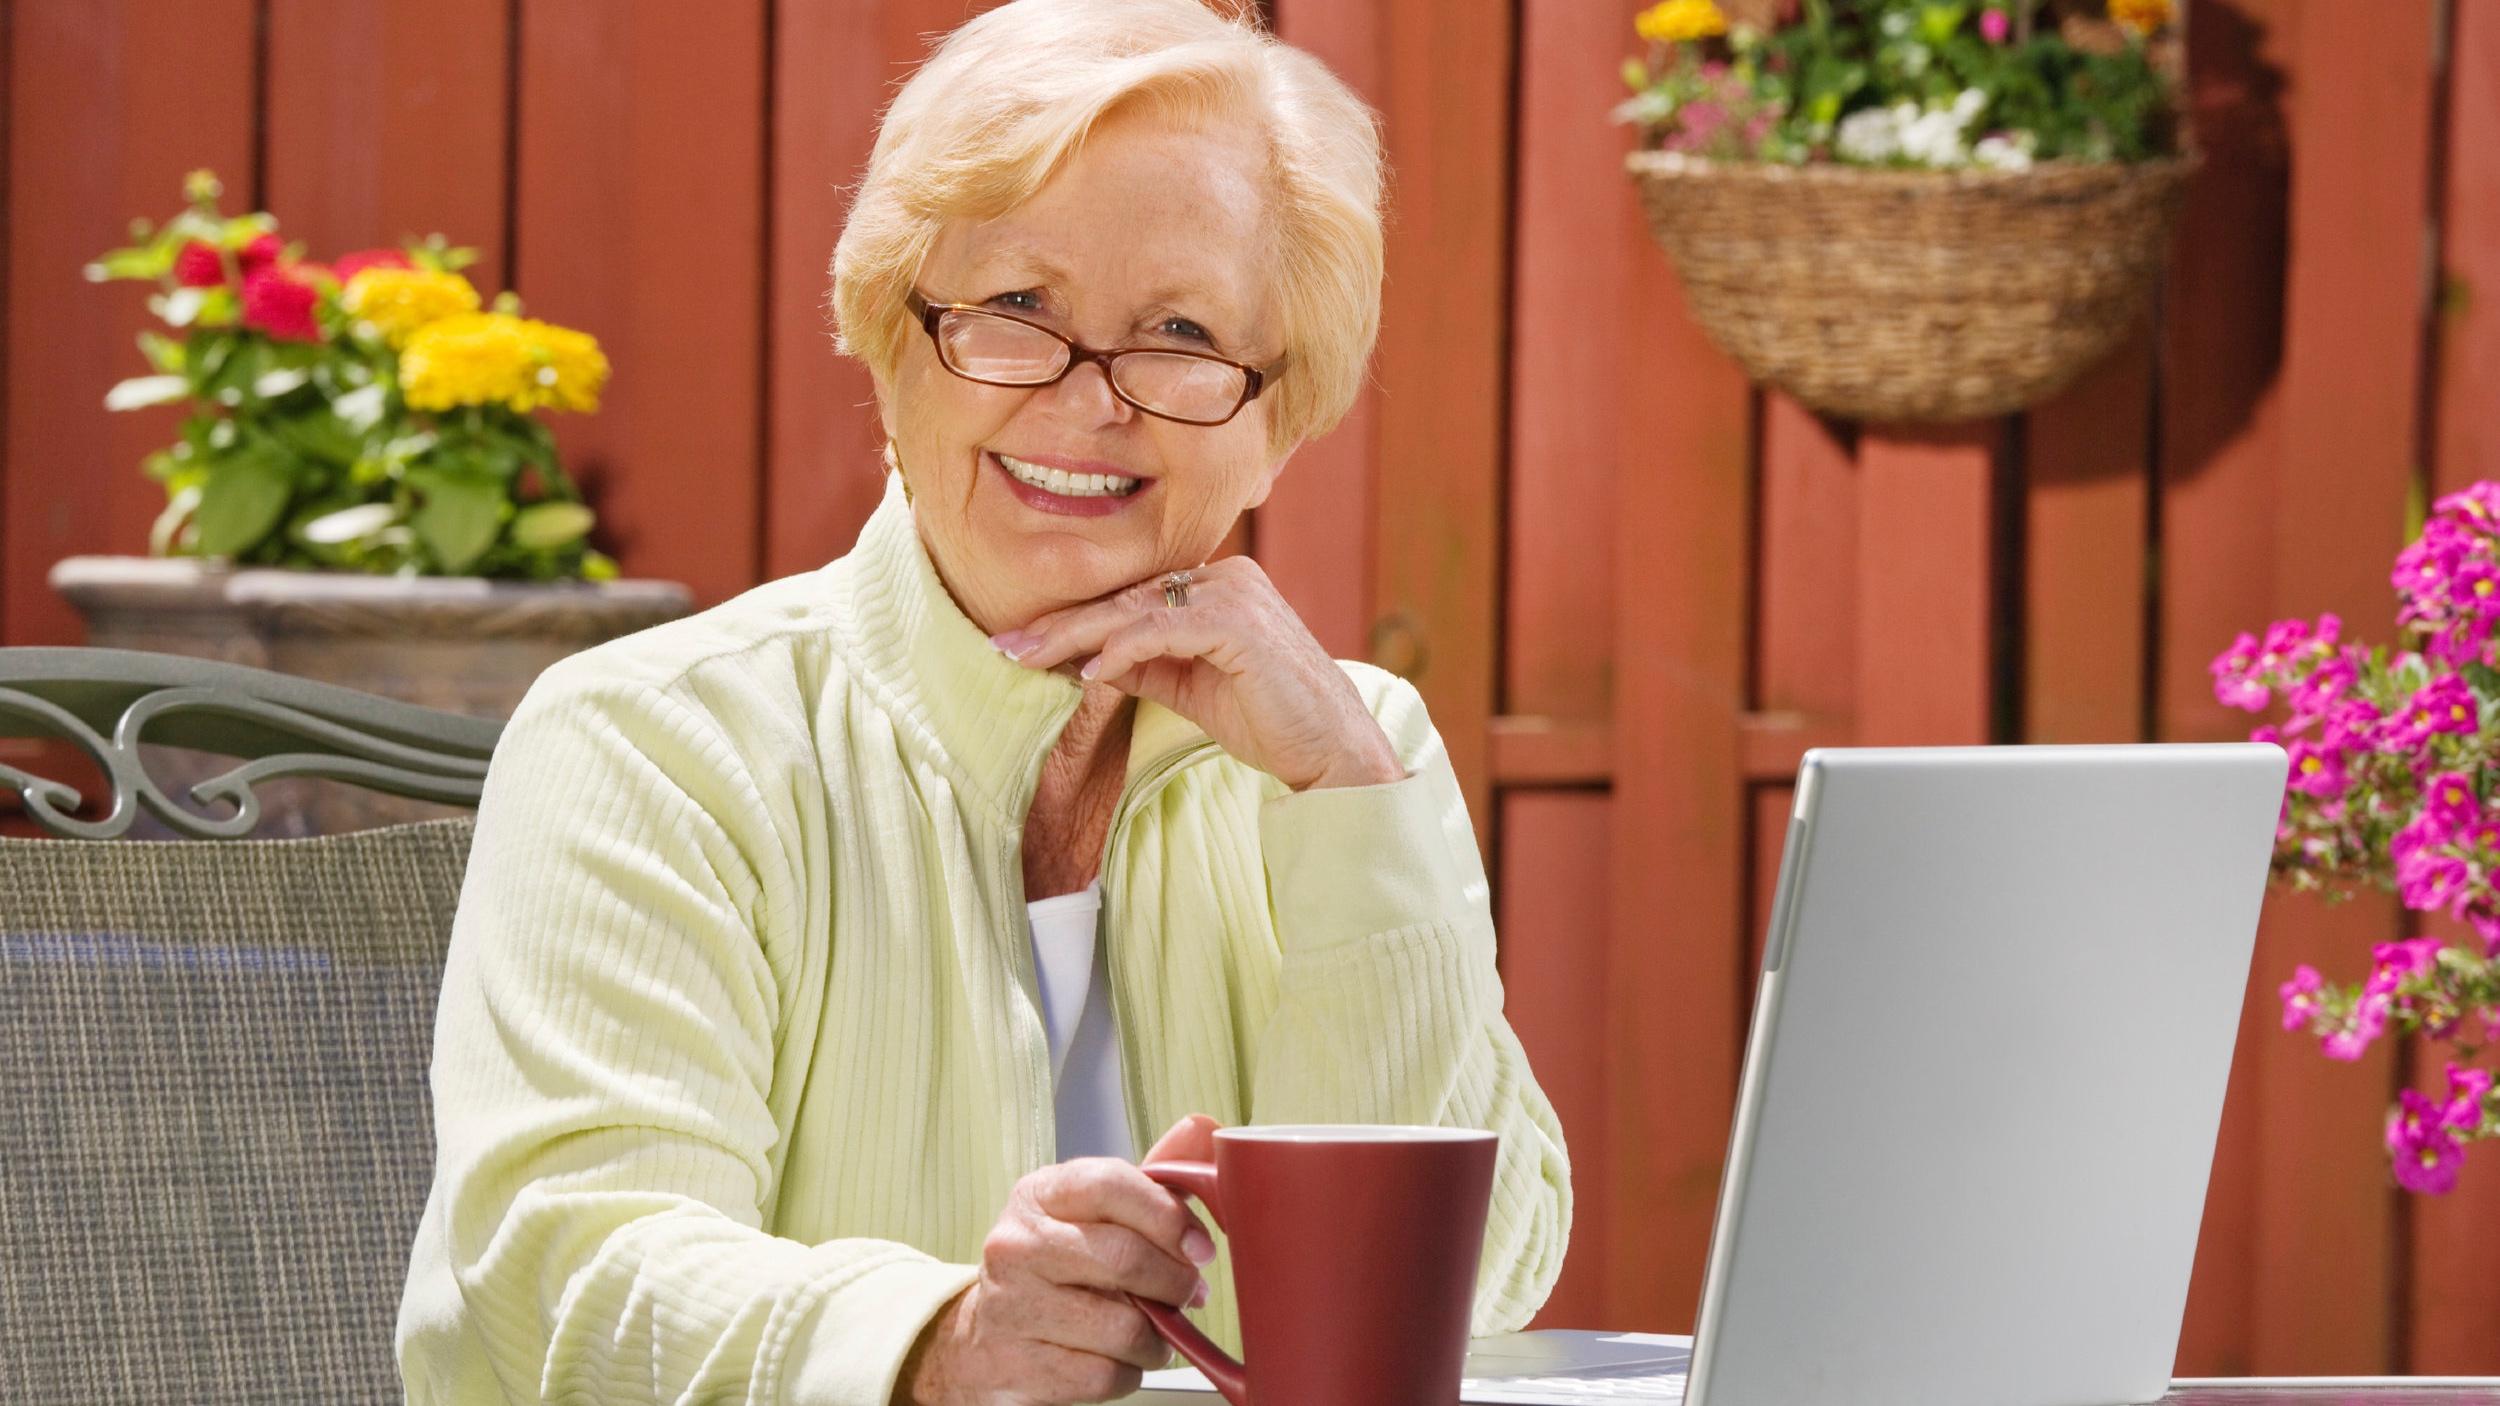 Senior outside with laptop.jpg